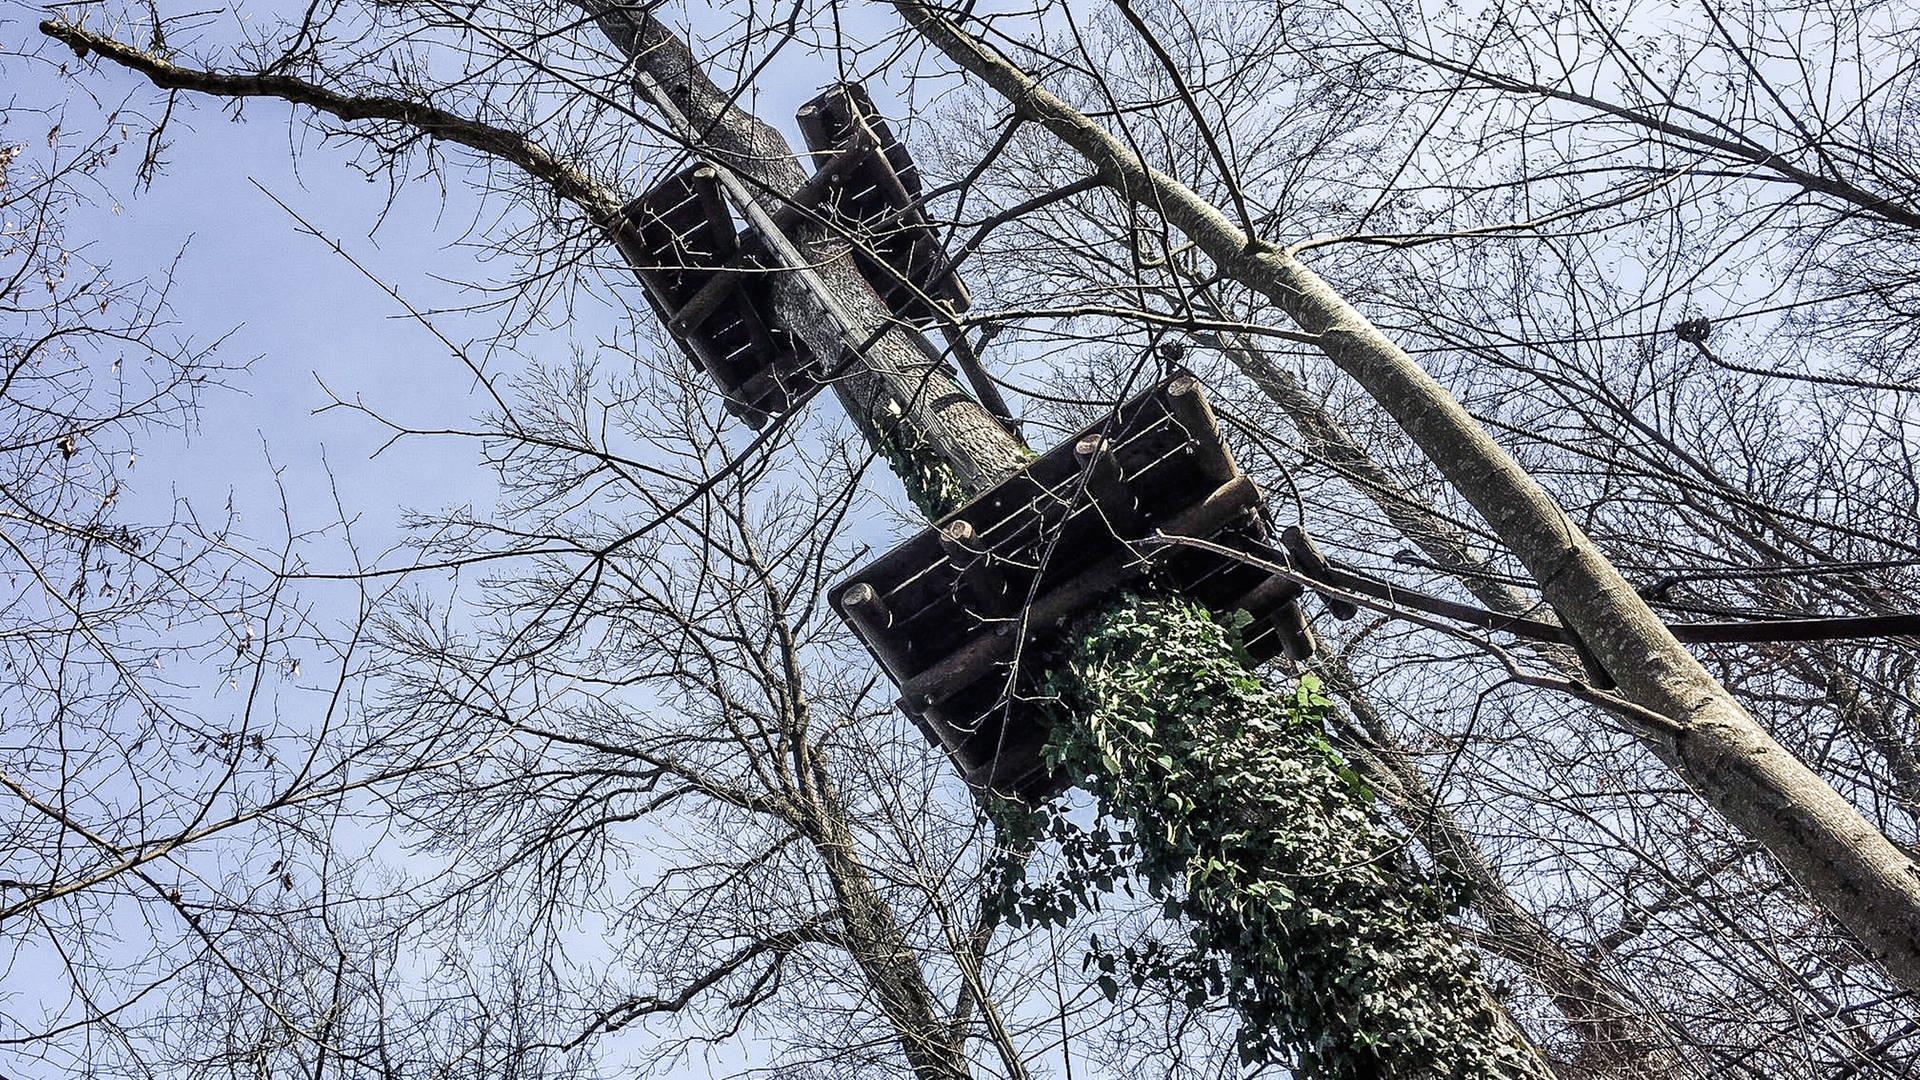 Der Waldkletterpark in Langenburg - Bäume ragen gen Himmel